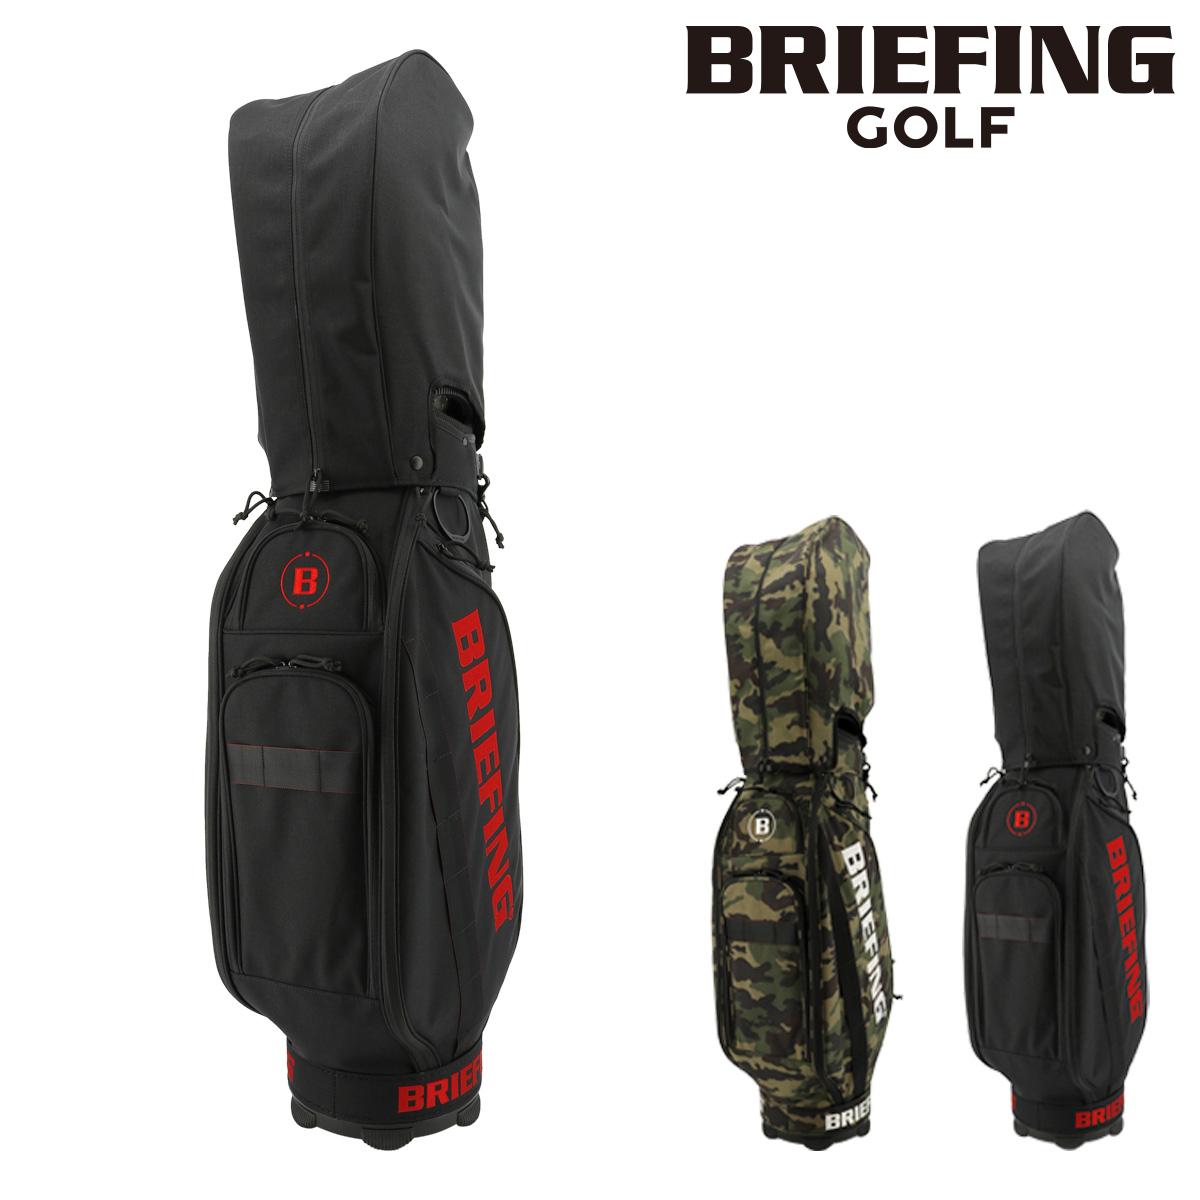 ブリーフィング ゴルフ キャディバッグ メンズ BRG191D03 BRIEFING CR-5 #01  バッグ [PO10][bef][即日発送]